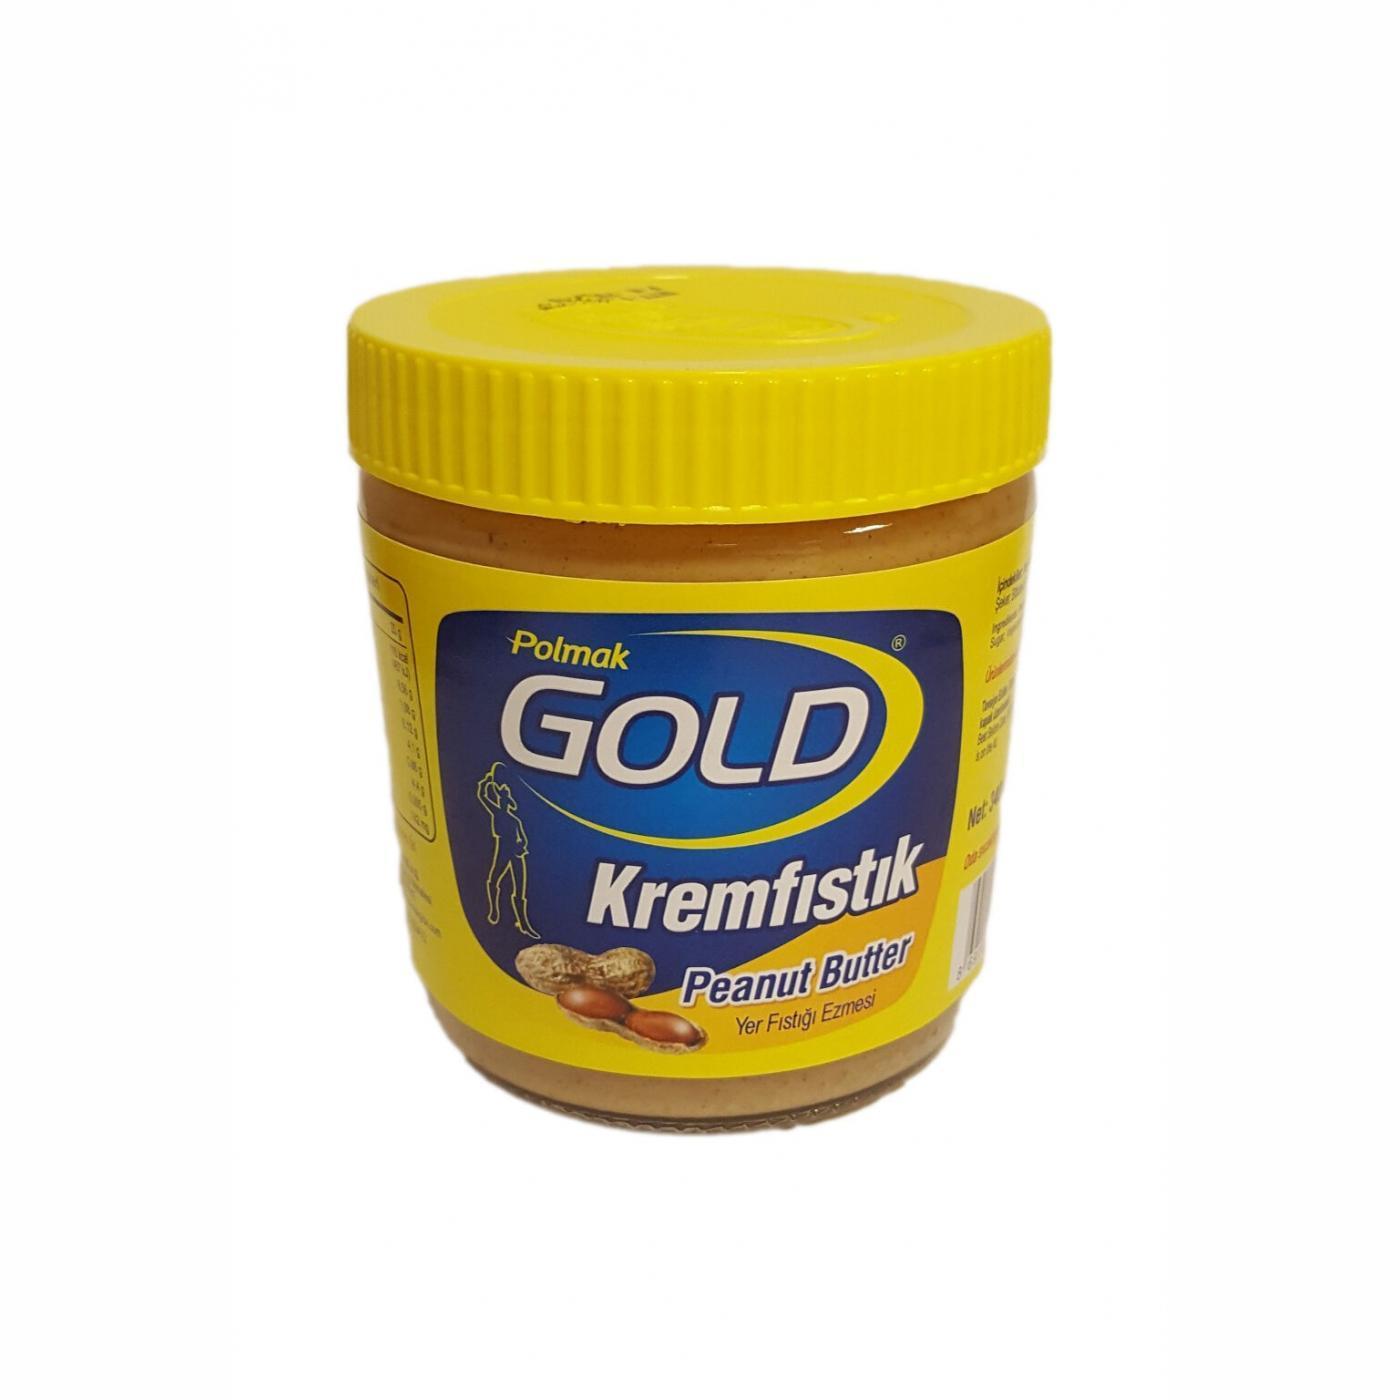 GOLD 340GR KREM FISTIK